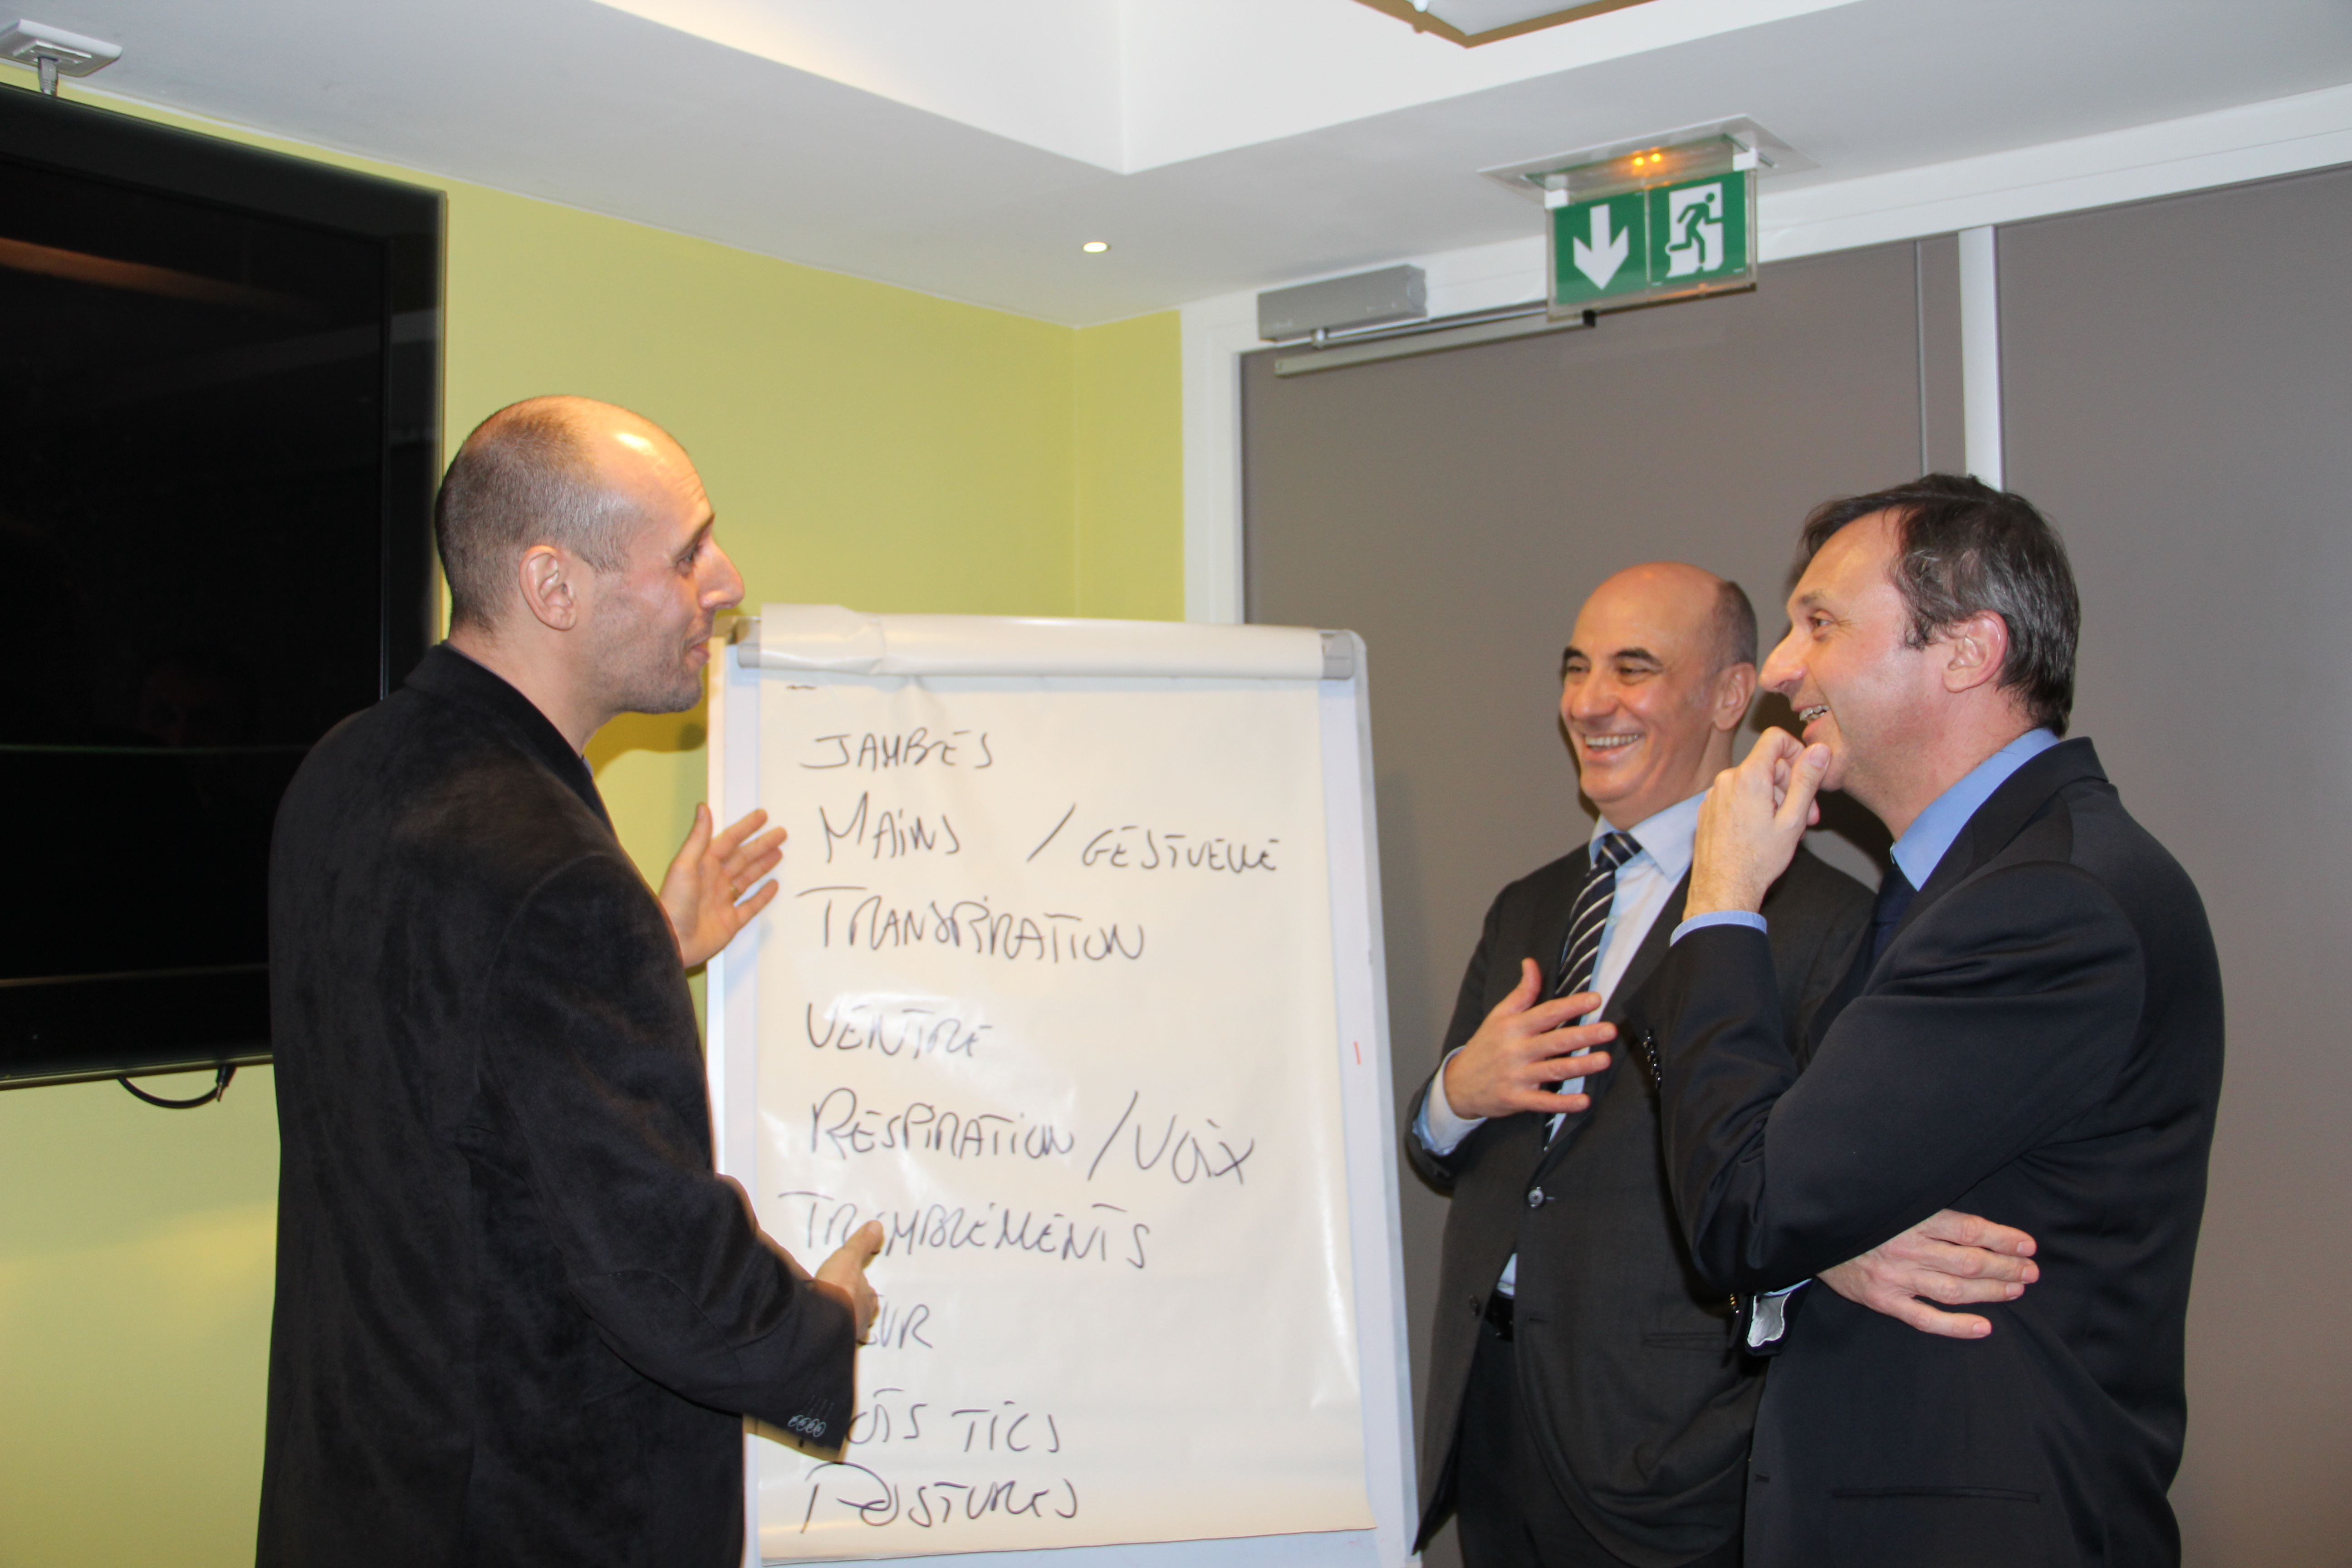 Laurent PHILIBERT, Directeur pédagogique, Vincent SOULIER, Directeur, cabinet Personnalité, et Jean-Gabriel BLIEK, Directeur du développement économique et de l'emploi de la Ville de Neuilly-sur-Seine